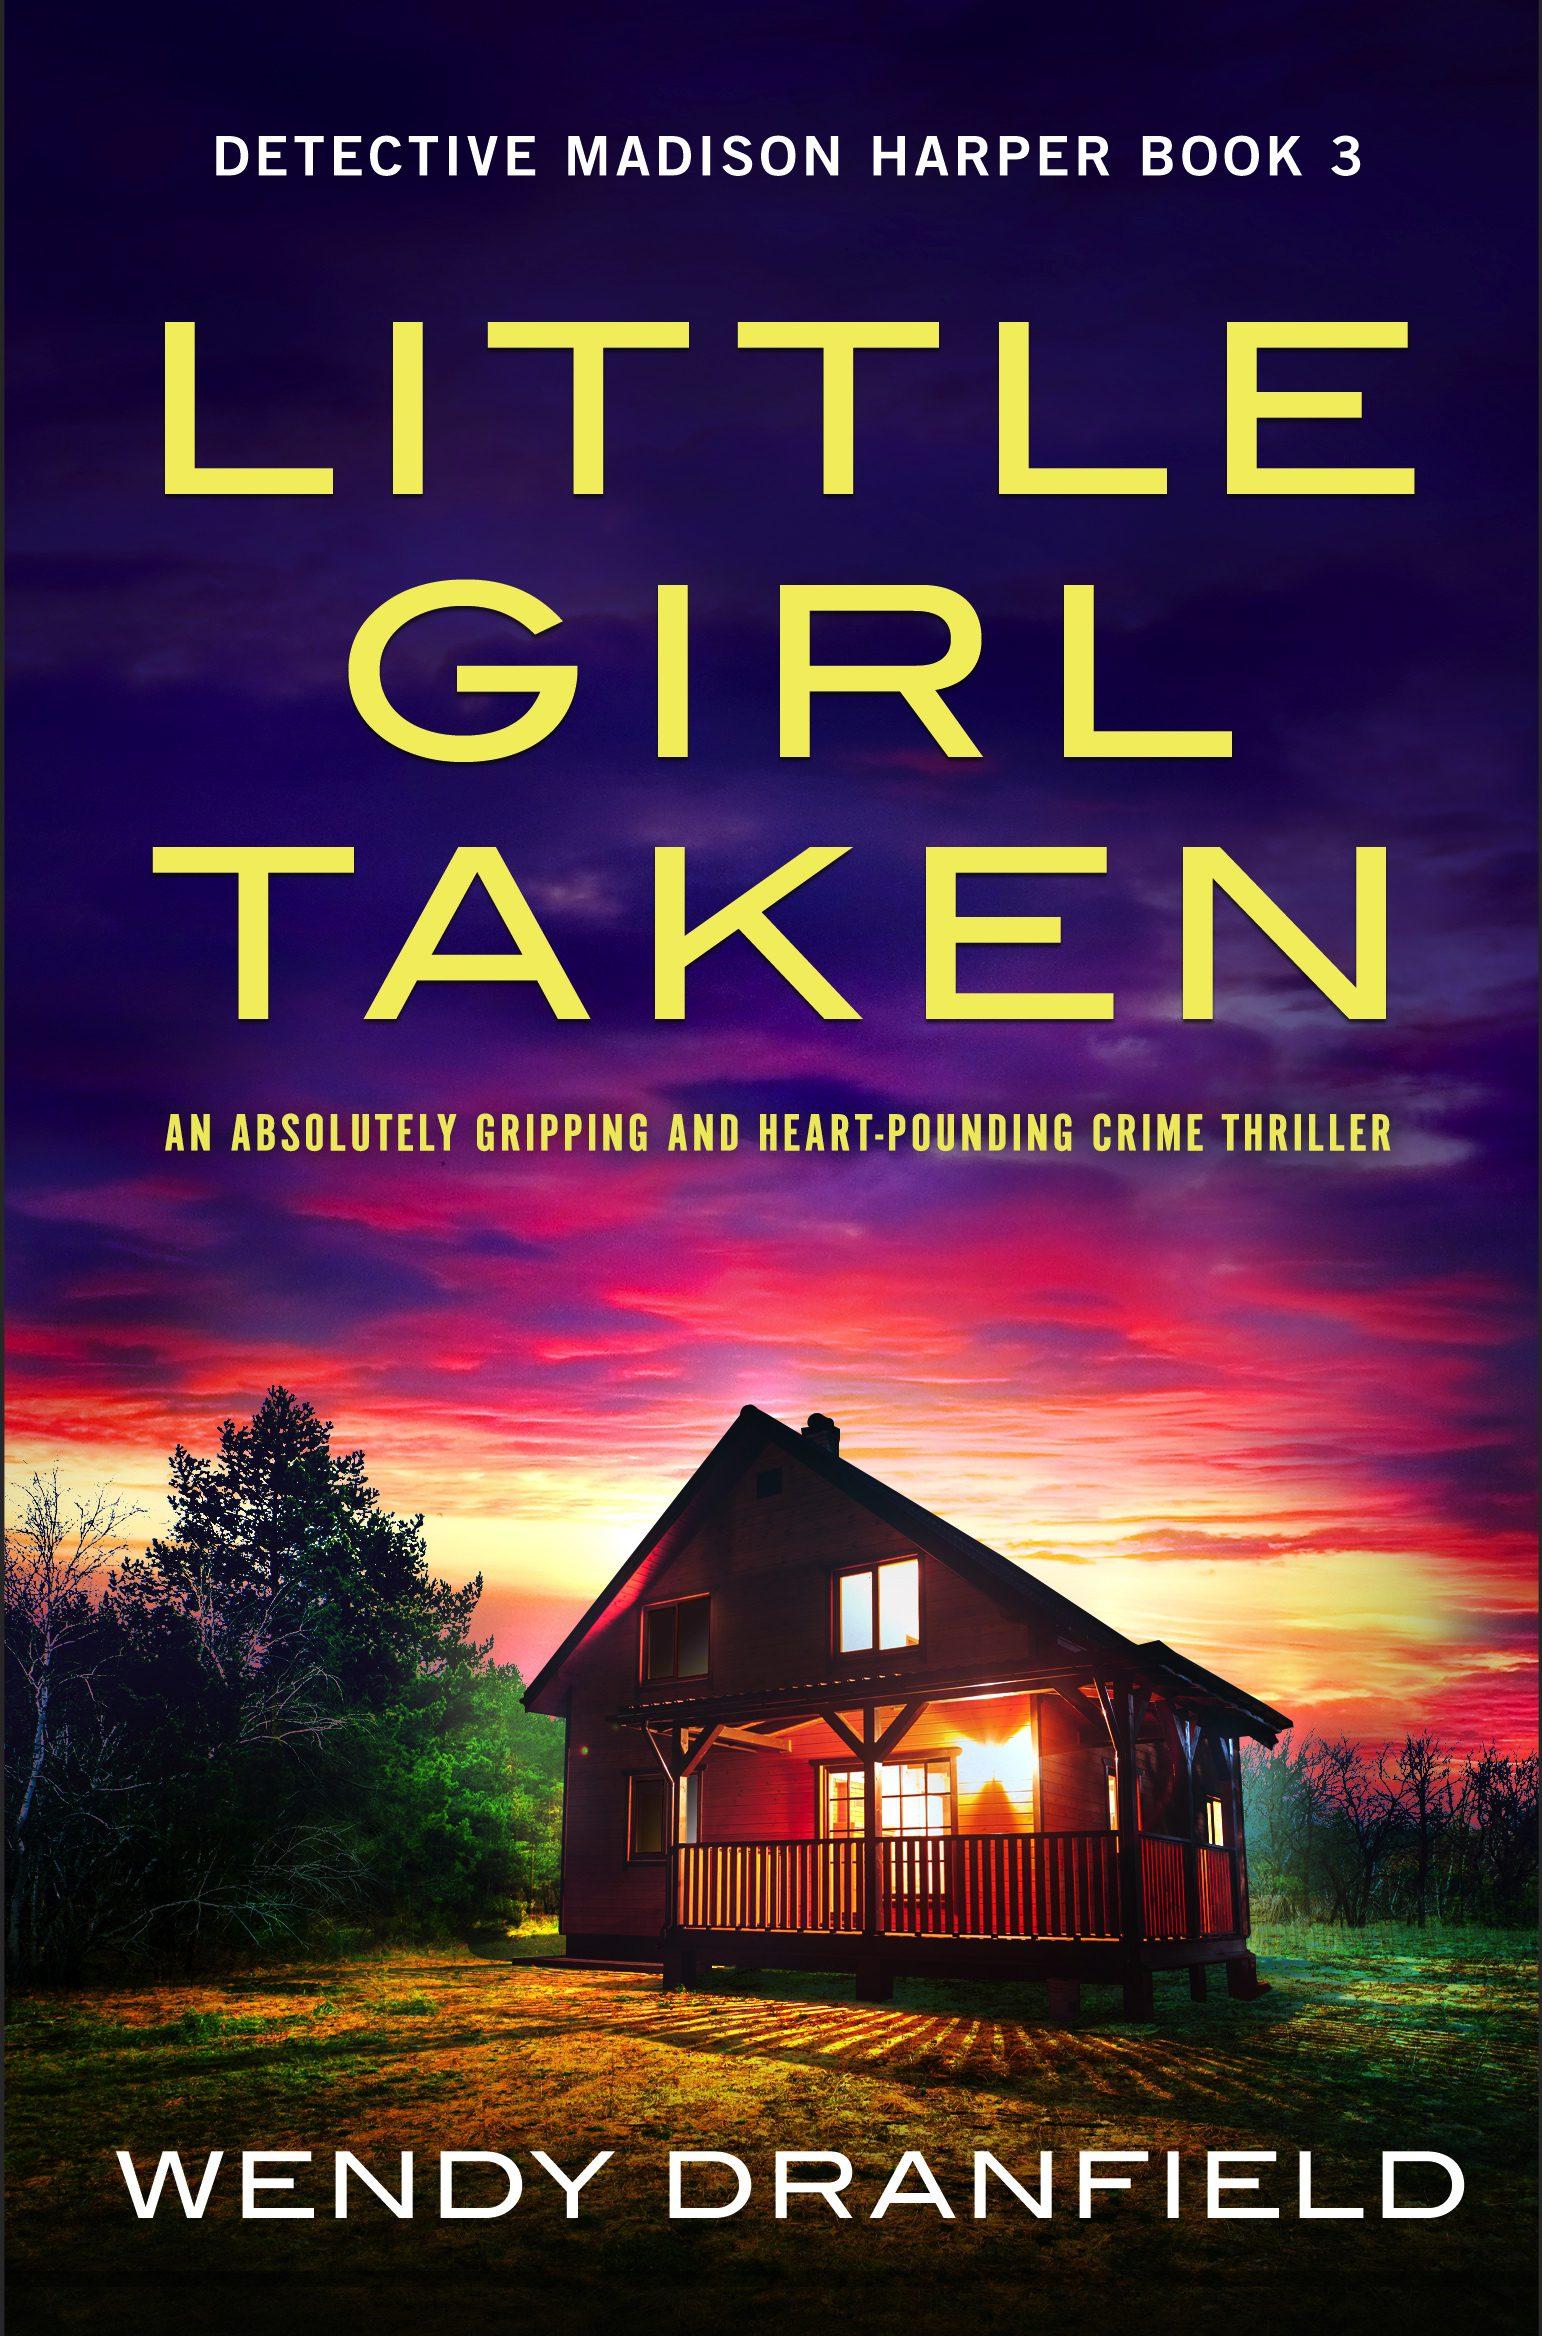 Little Girl Taken book cover